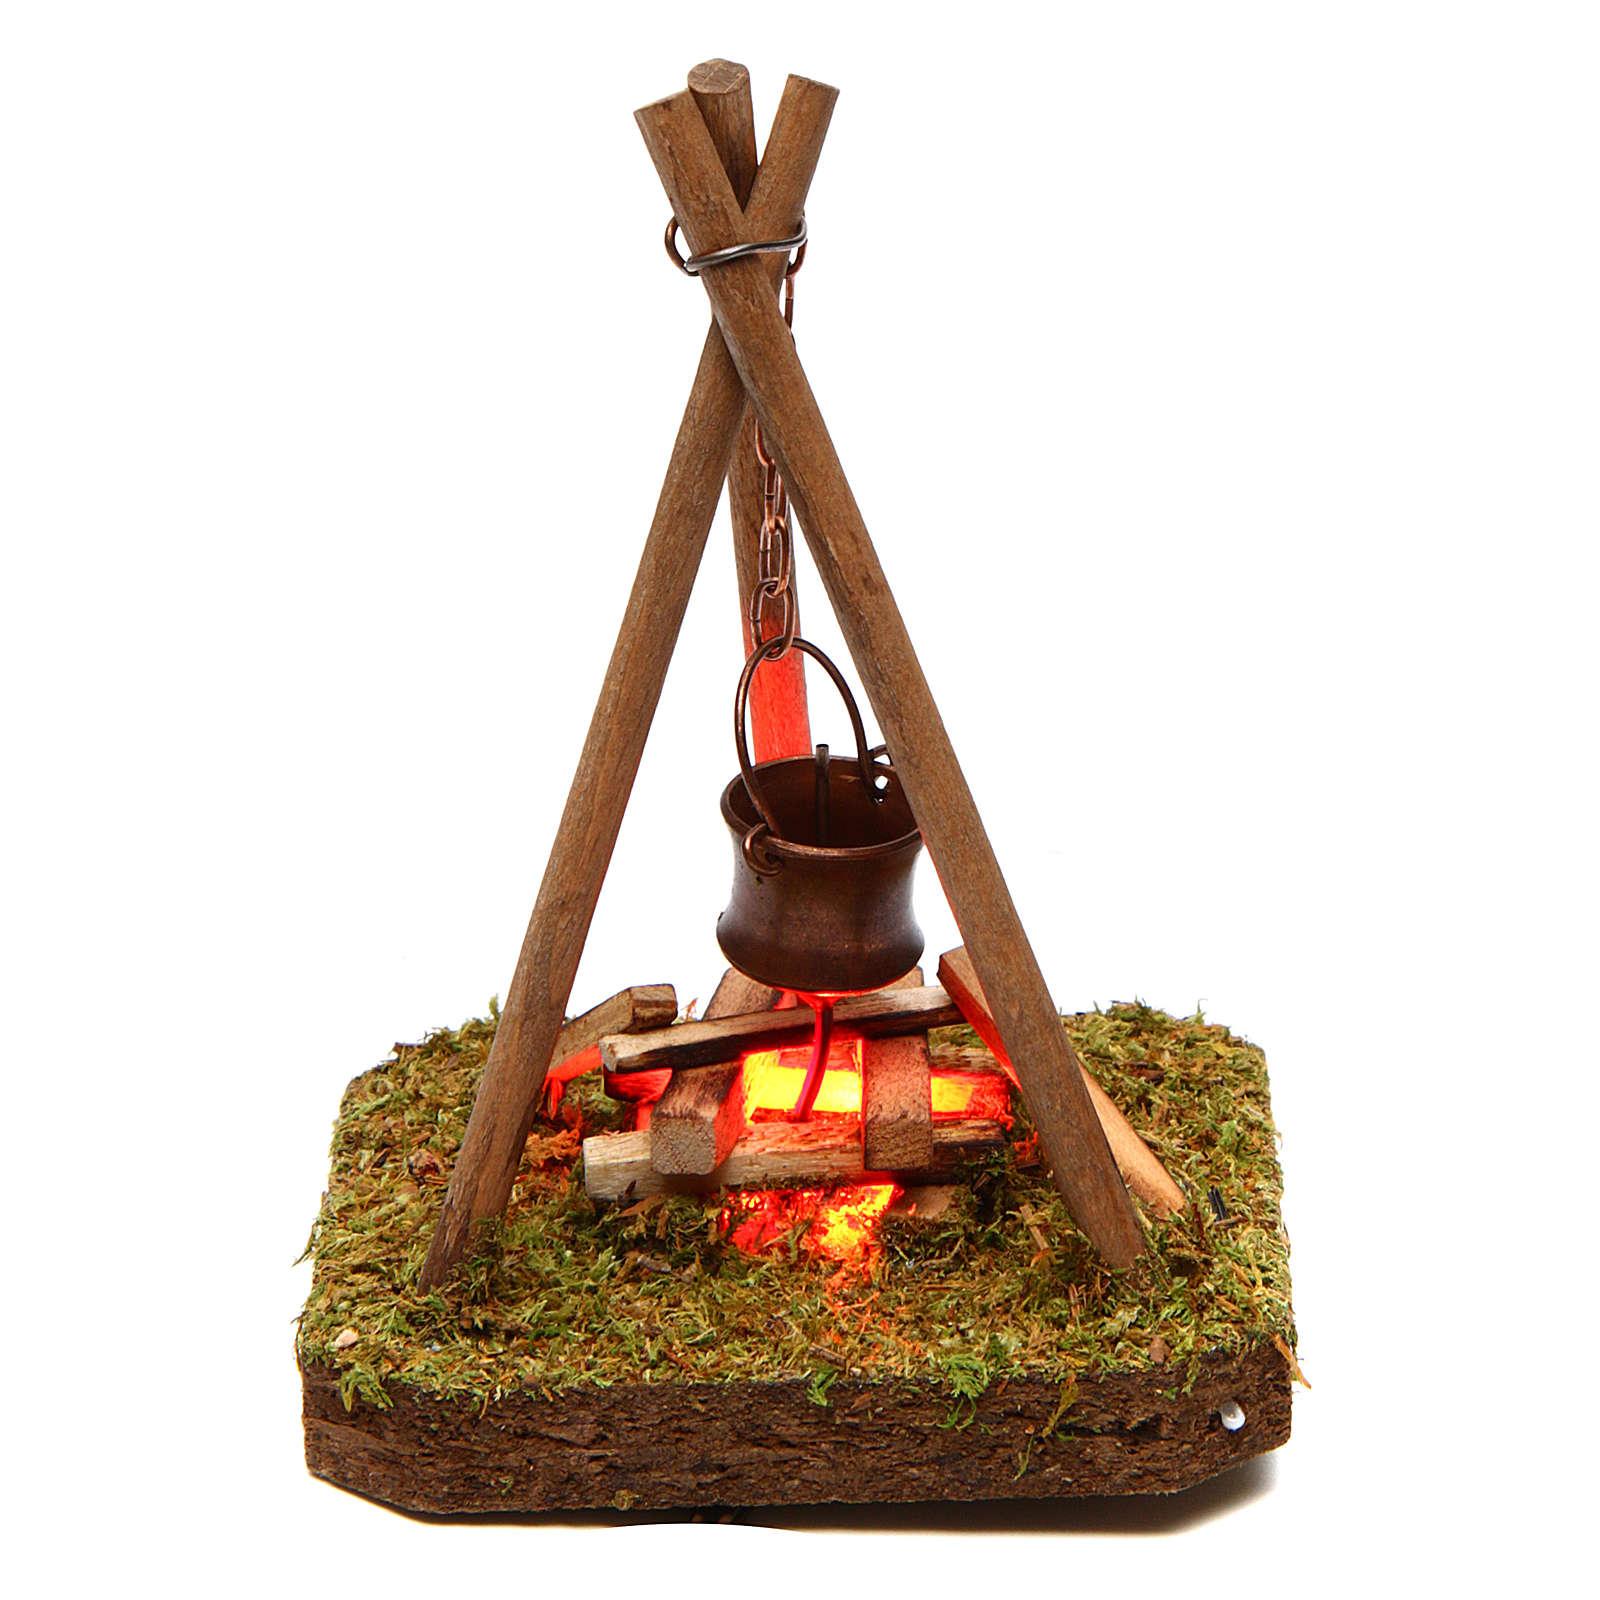 Décor 10x10x10 cm casserole sur feu de camp 4,5 V 4